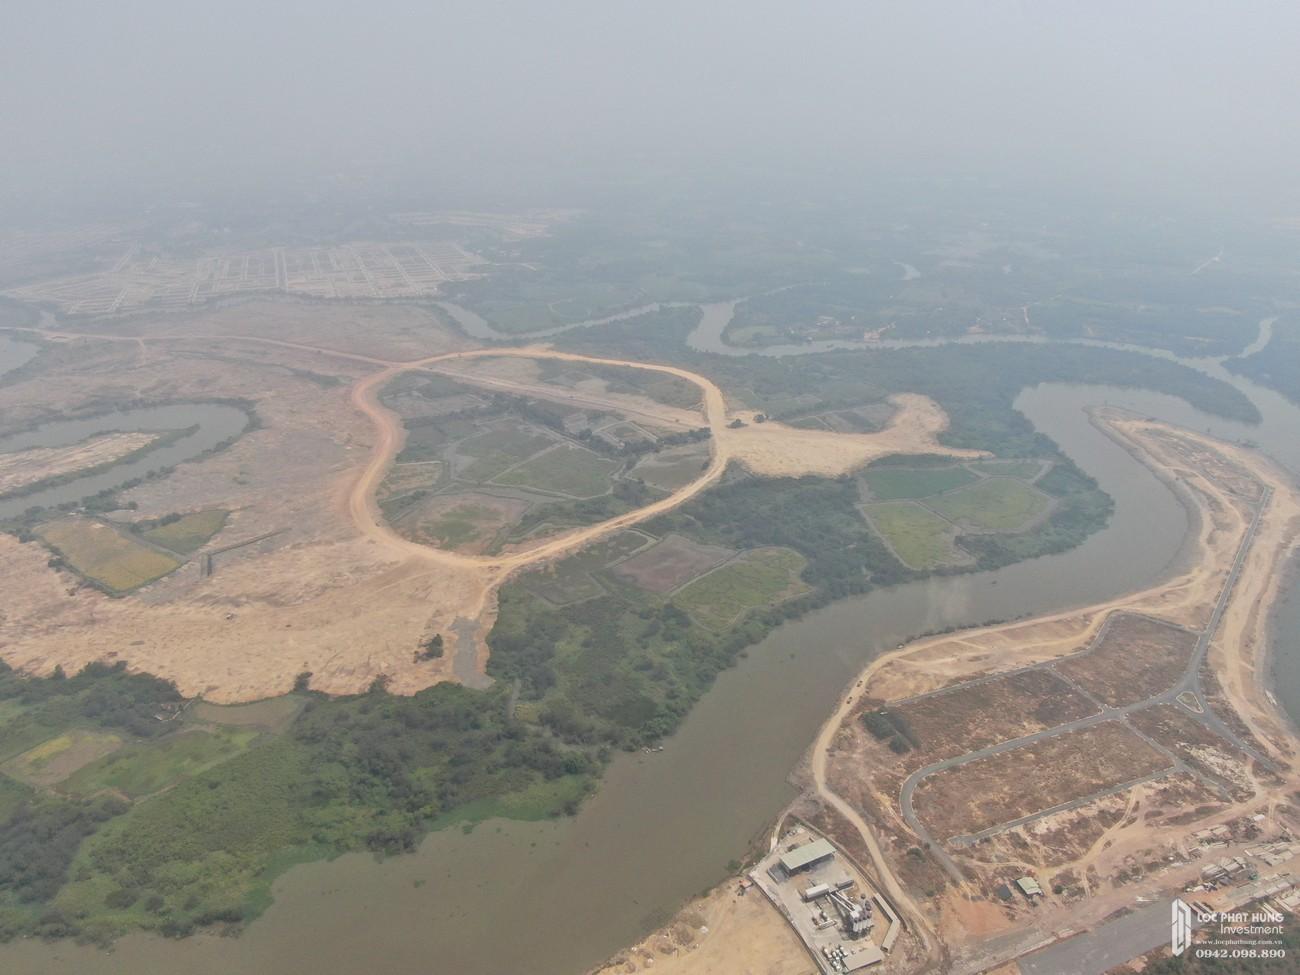 Tiến độ xây dựng The Phoenix South Aqua City nhà phát triển Novaland